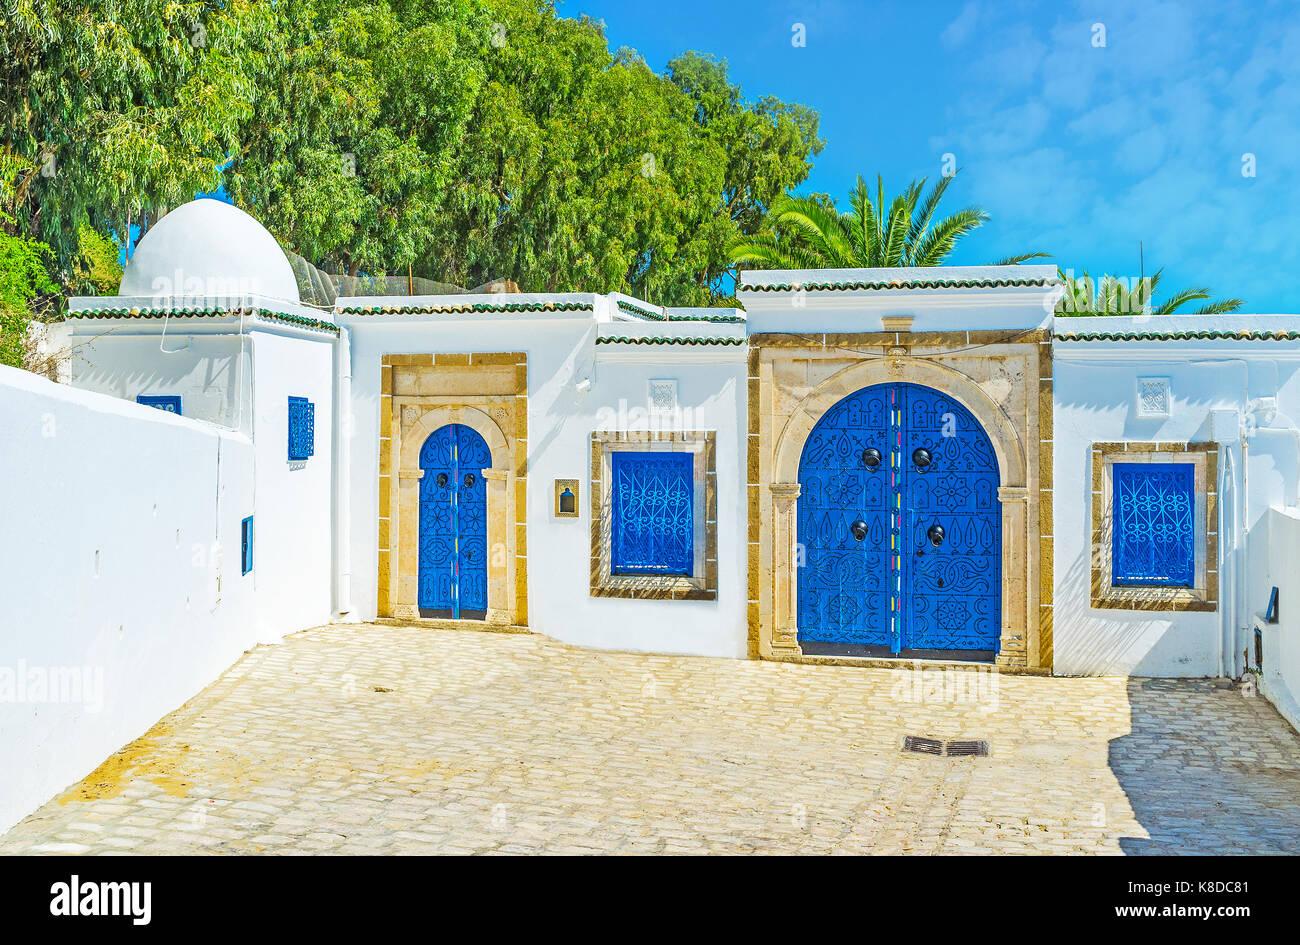 Historische Arabisch Herrenhaus in Sidi Bou Said mit traditionellen weiße Wände und helle blaue Türen, Stockbild